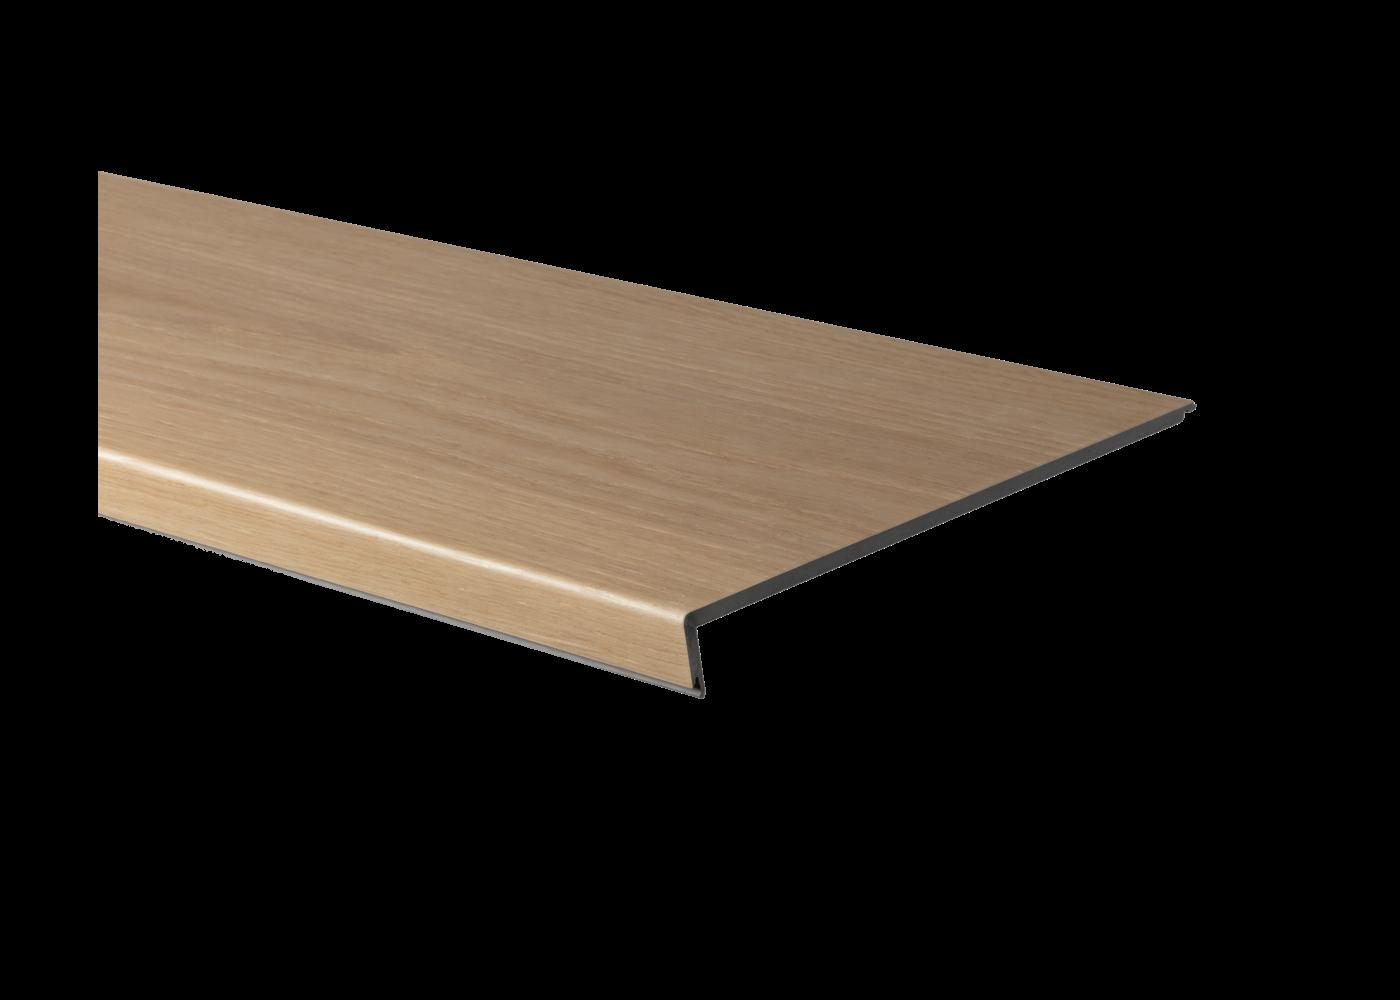 Profil d'escalier en Z HDF hydrofuge pour sol vinyl rigide